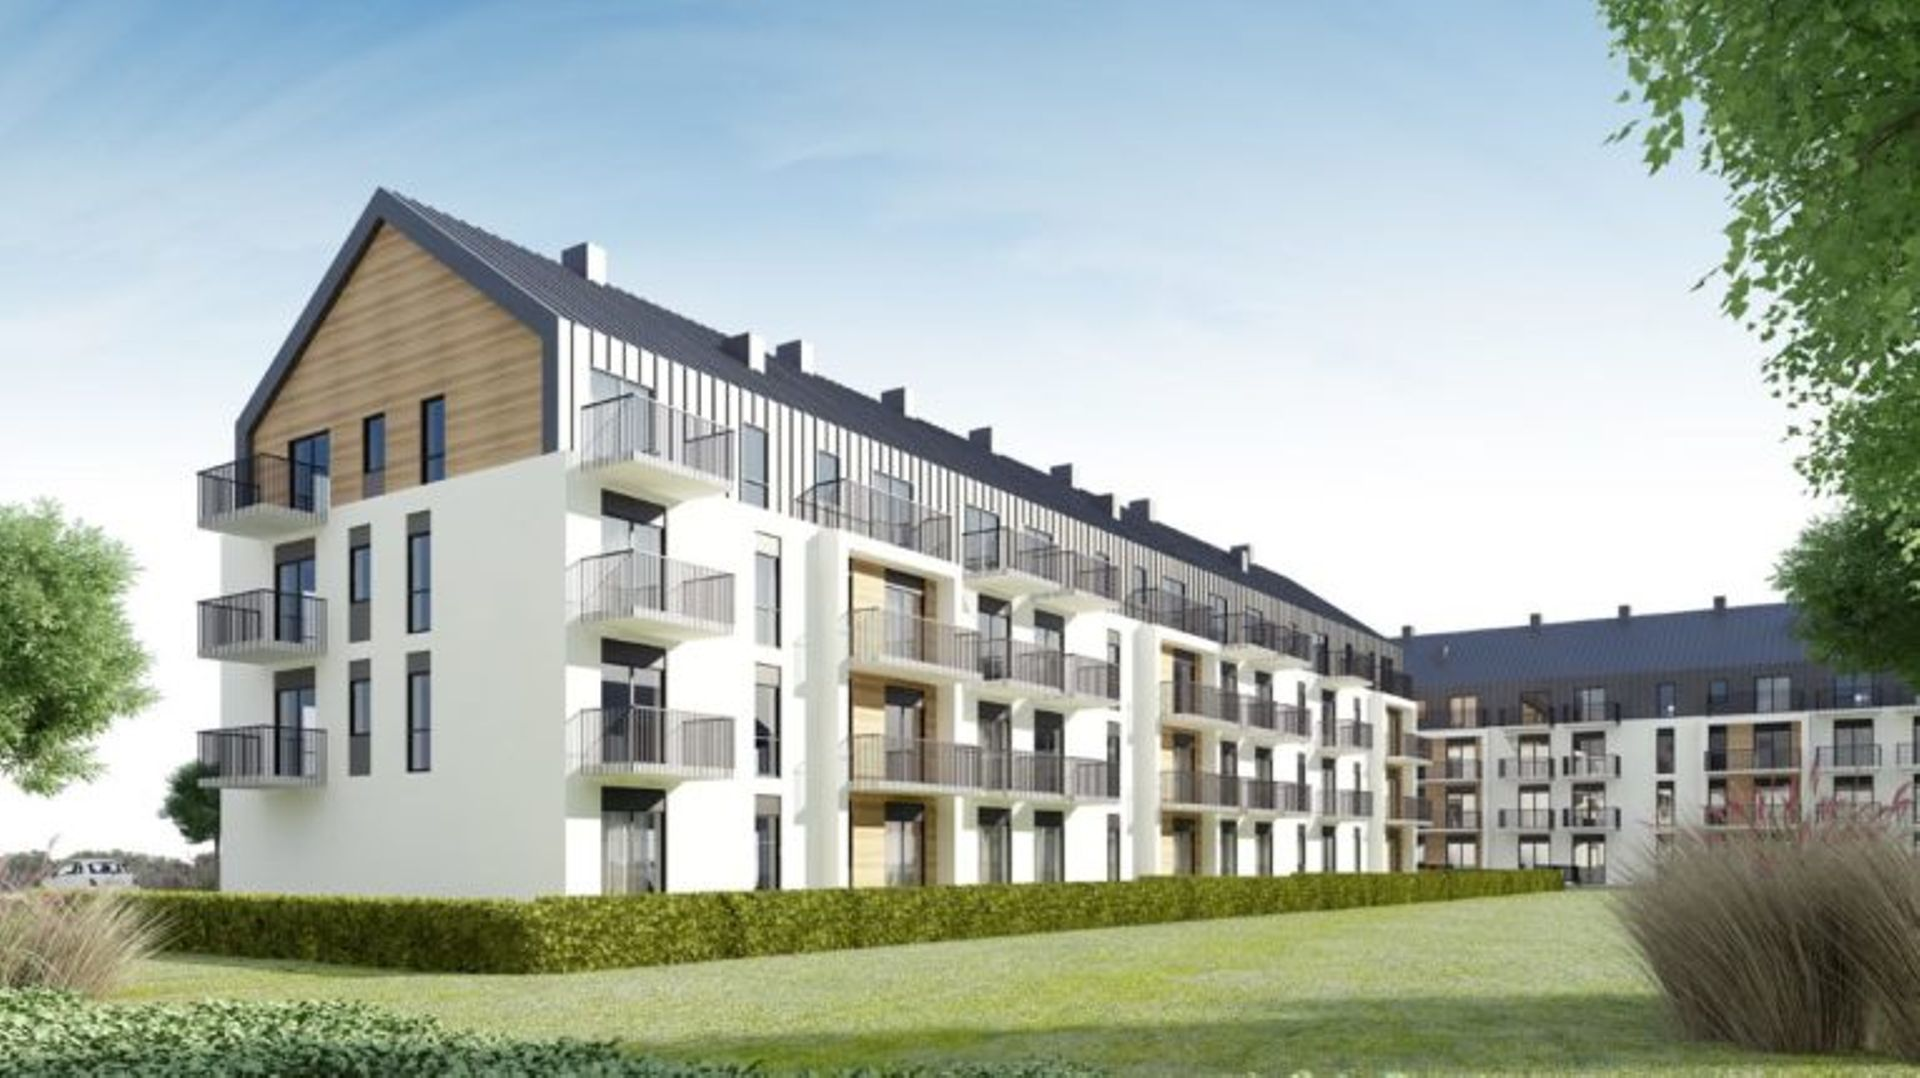 Wrocław: Kto zaprojektuje Mieszkania Plus na Zakrzowie? W planach ponad tysiąc lokali